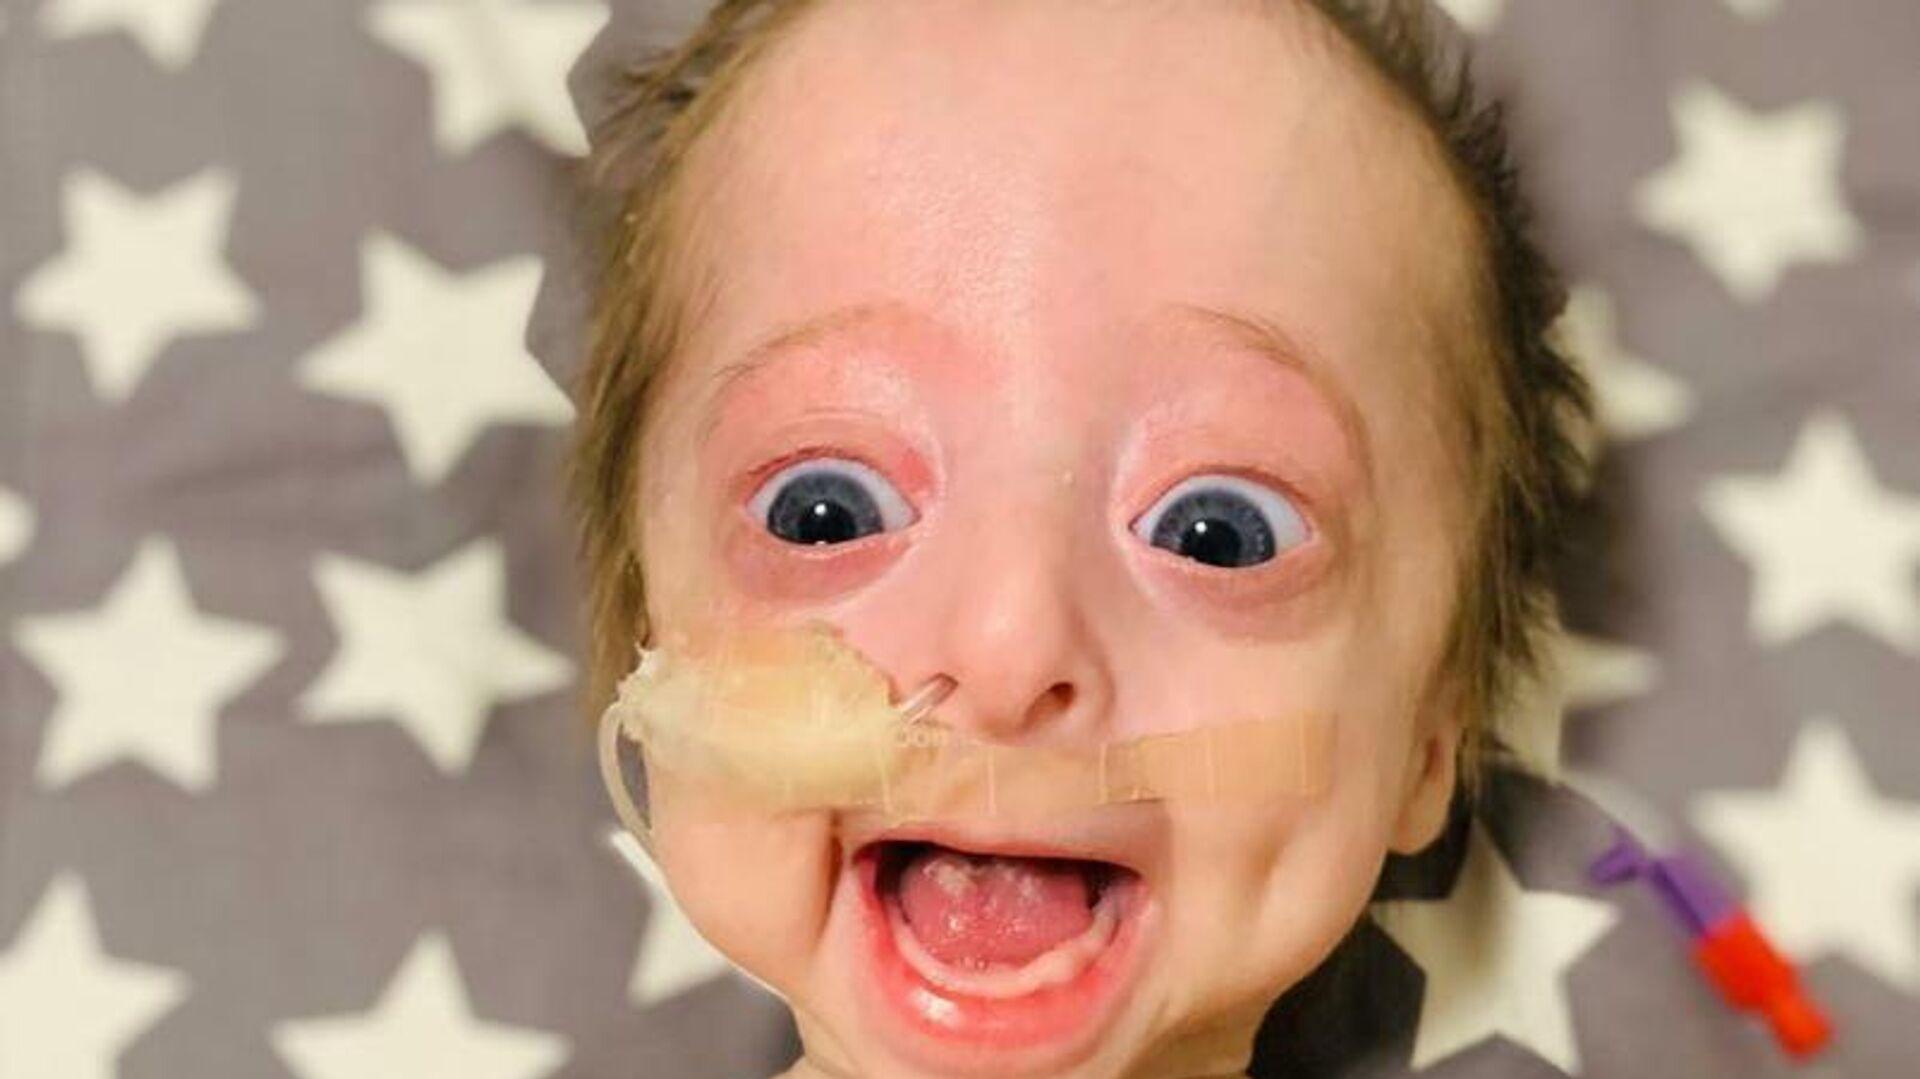 Vito, bebé argentino con progeria - Sputnik Mundo, 1920, 09.08.2021